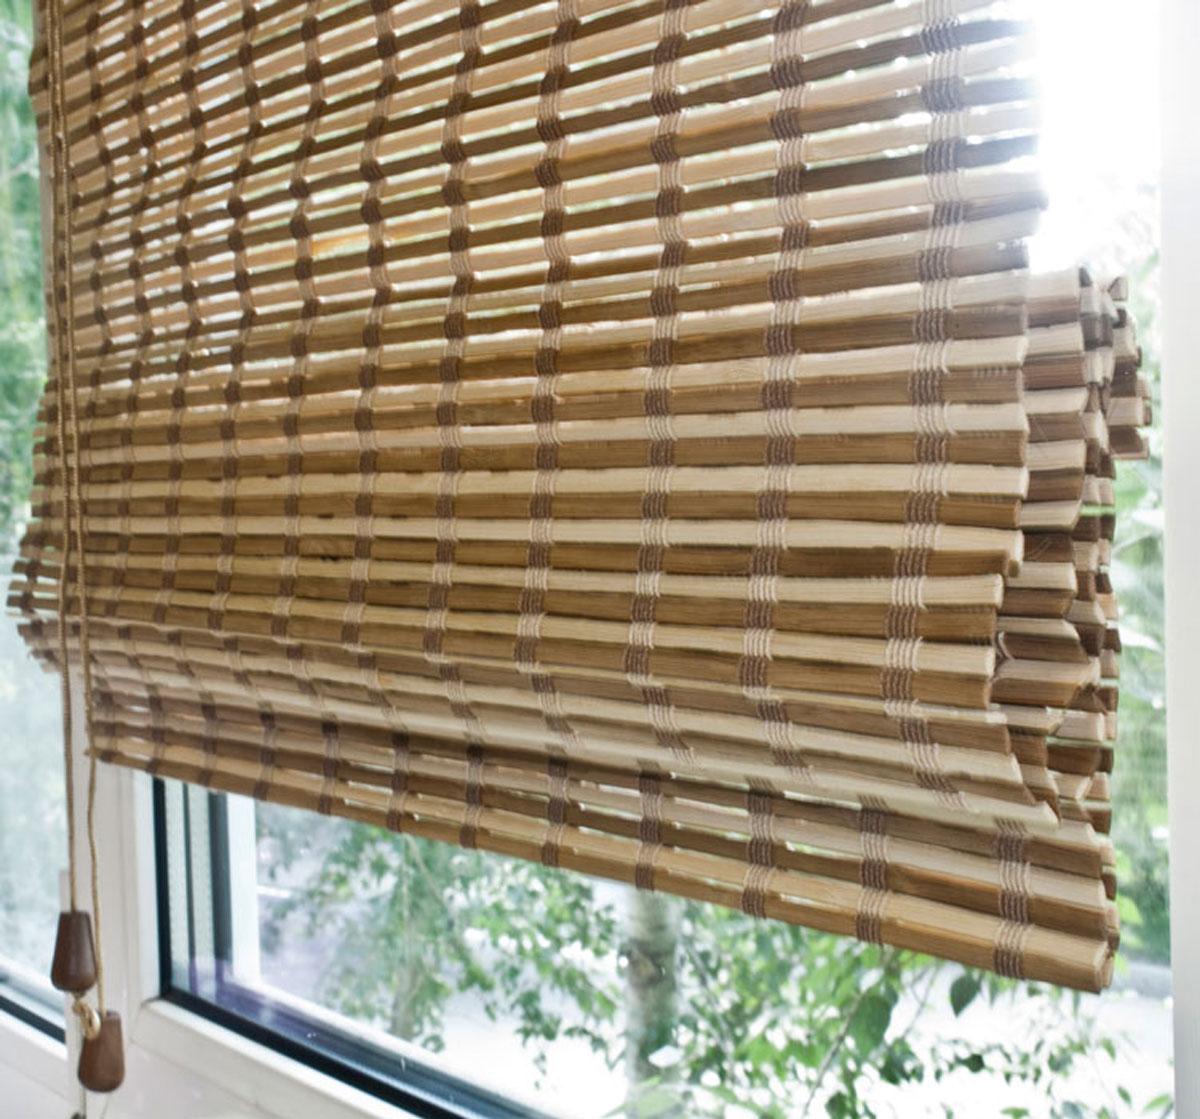 Римская штора Эскар, бамбуковая, цвет: коричневый, бежевый, ширина 160 см, высота 160 см3883560Римская штора Эскар, выполненная из натурального бамбука, является оригинальным современным аксессуаром для создания необычного интерьера в восточном или минималистичном стиле.Римская бамбуковая штора, как и тканевая римская штора, при поднятии образует крупные складки, которые прекрасно декорируют окно. Особенность устройства полотна позволяет свободно пропускать дневной свет, что обеспечивает мягкое освещение комнаты. Римская штора из натурального влагоустойчивого материала легко вписывается в любой интерьер, хорошо сочетается с различной мебелью и элементами отделки. Использование бамбукового полотна придает помещению необычный вид и визуально расширяет пространство. Бамбуковые шторы требуют только сухого ухода: пылесосом, щеткой, веником или влажной (но не мокрой!) губкой. Комплект для монтажа прилагается.